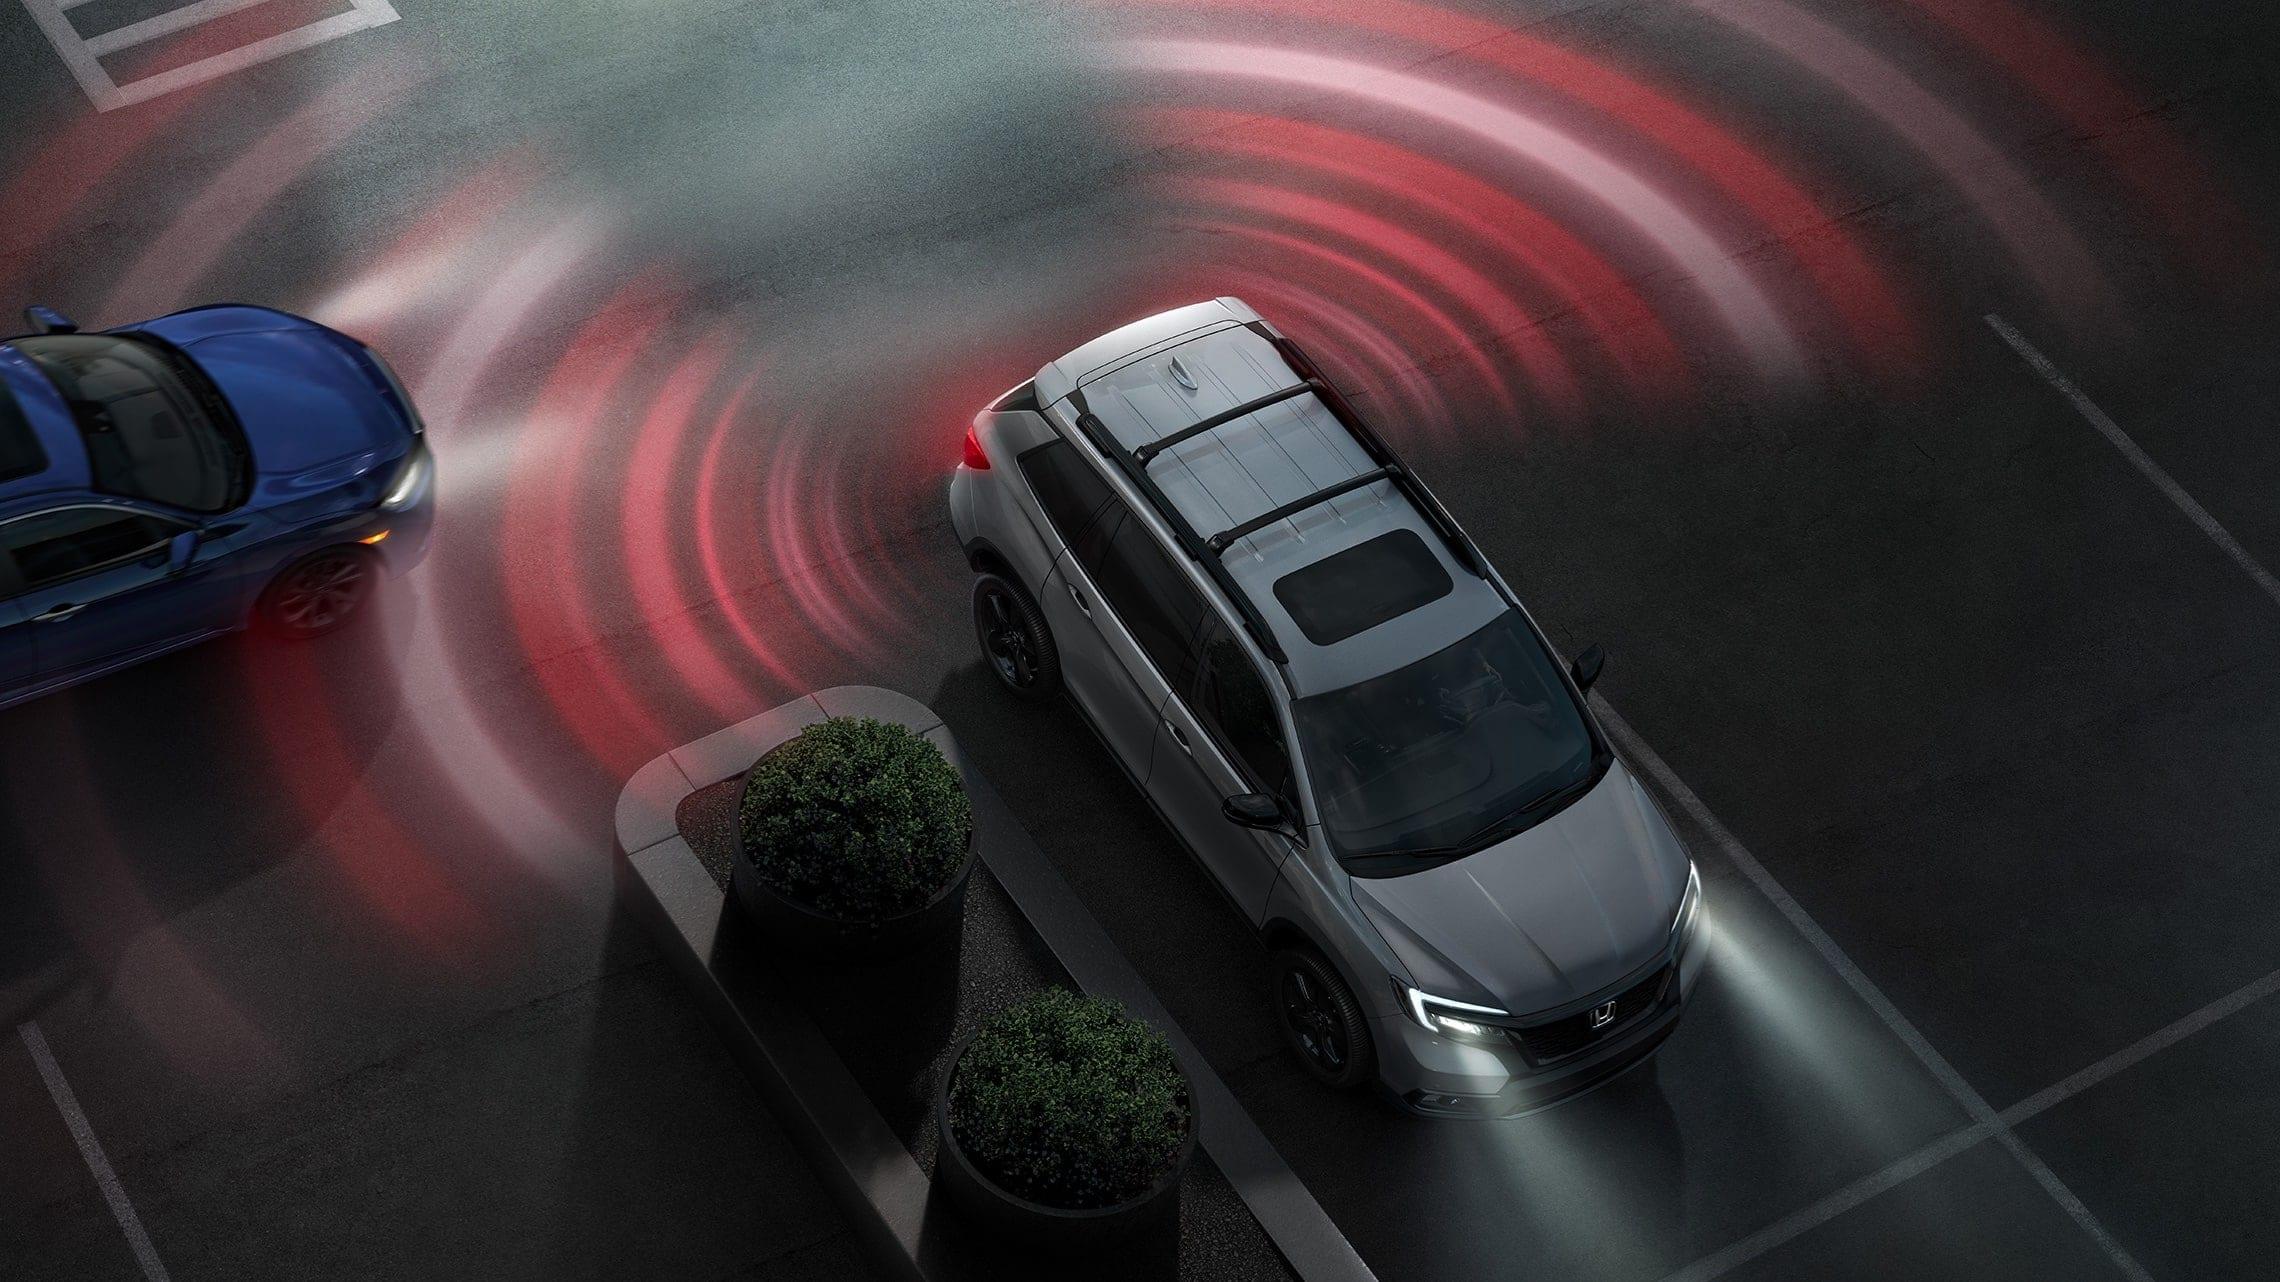 Vista interior de cámara de reversa multiángulo del sistema de audio en pantalla táctil de la Honda Passport Elite2019.